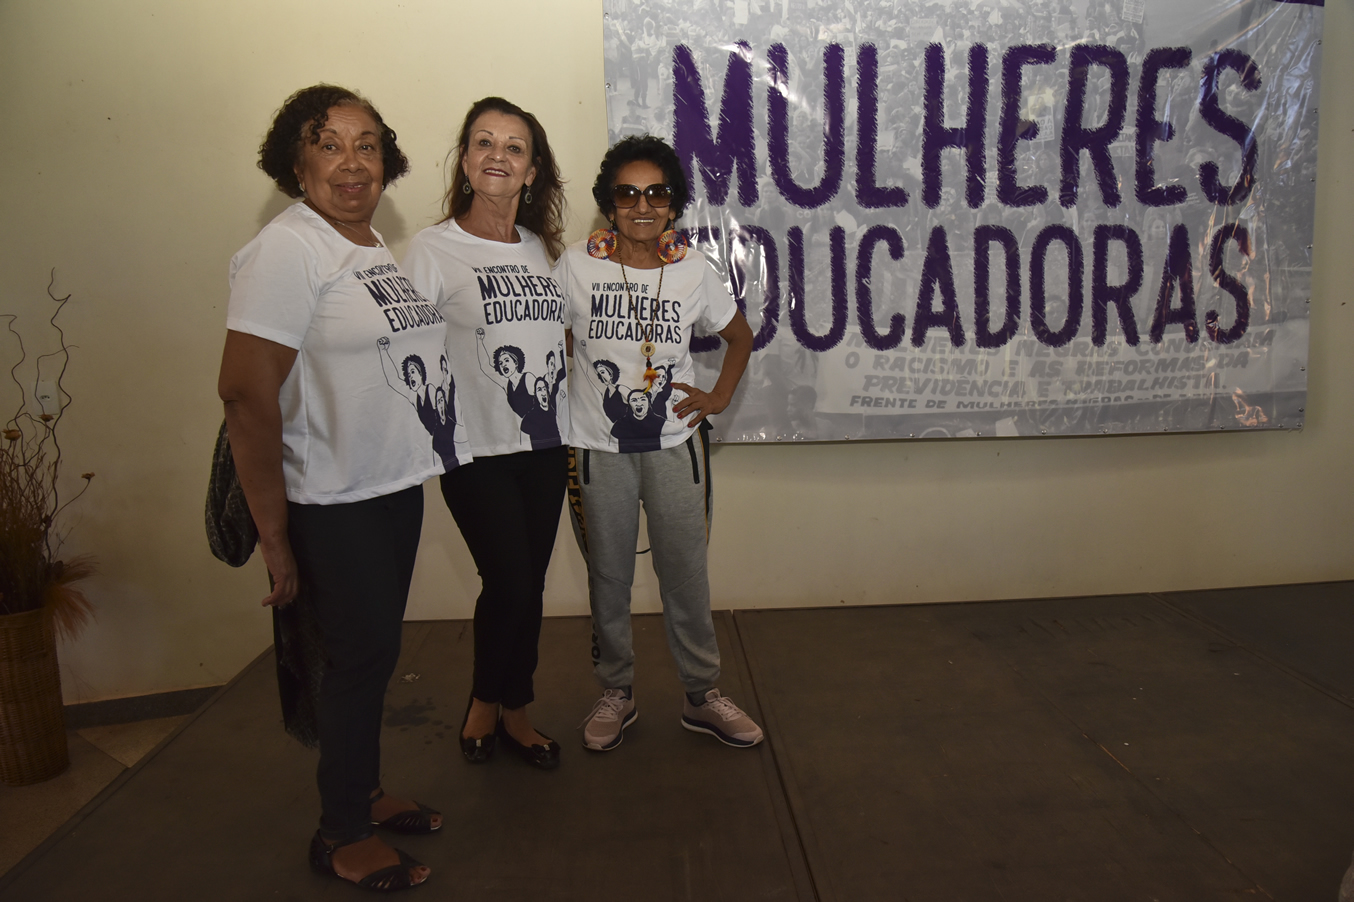 2019.04.27_ENCONTRO-MULHERES-EDUCADORAS_fotos-Deva-Garcia-32